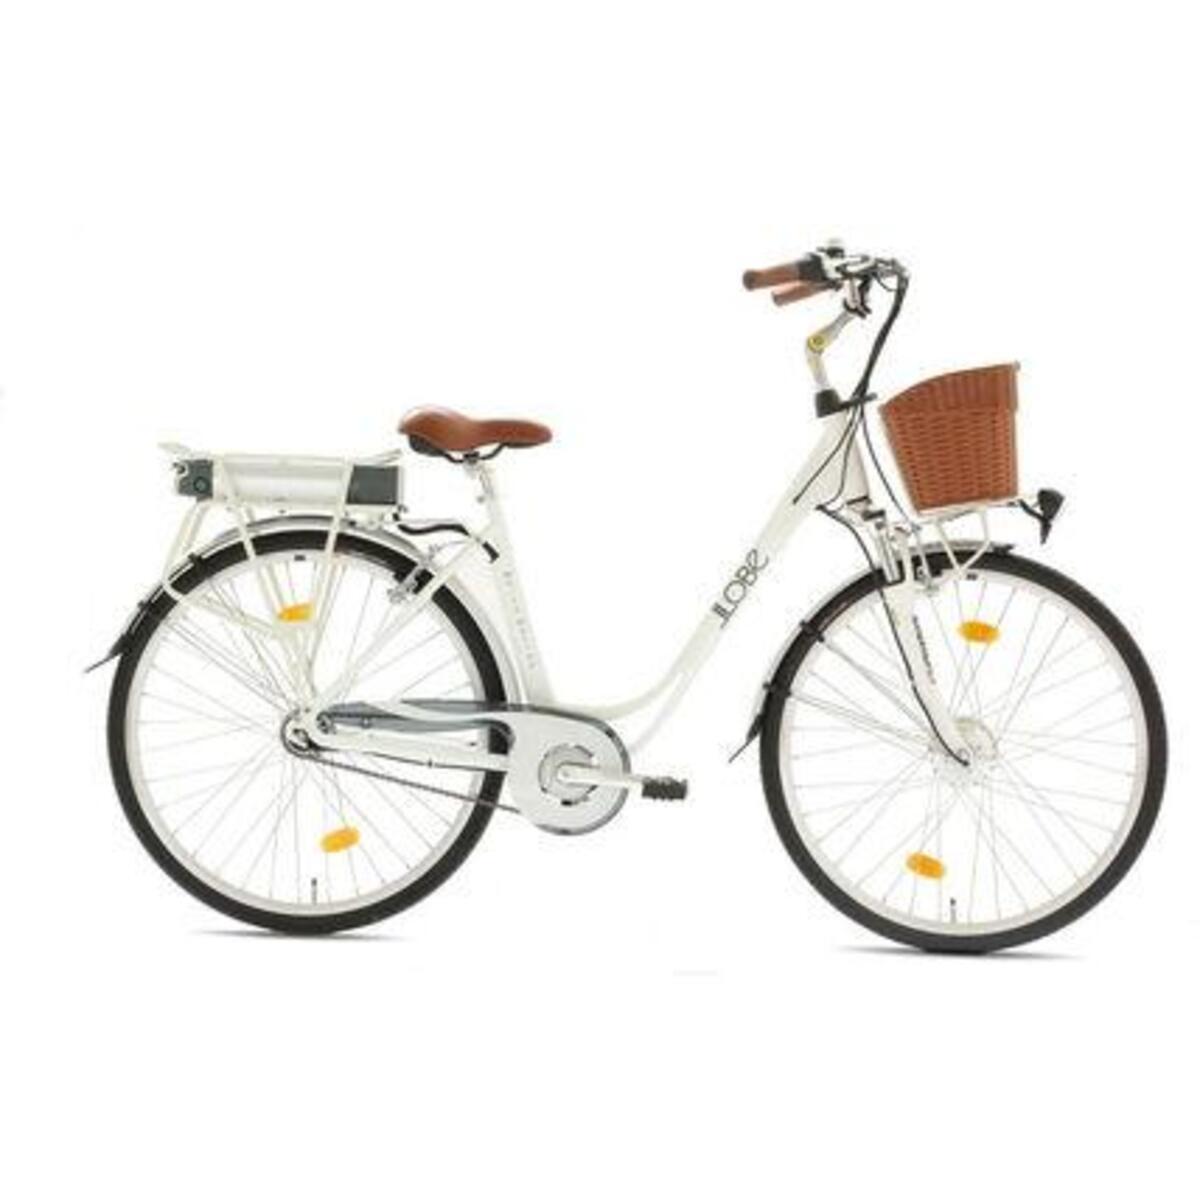 """Bild 2 von LLobe E-Bike 28"""" Alu City White Motion 8 G"""